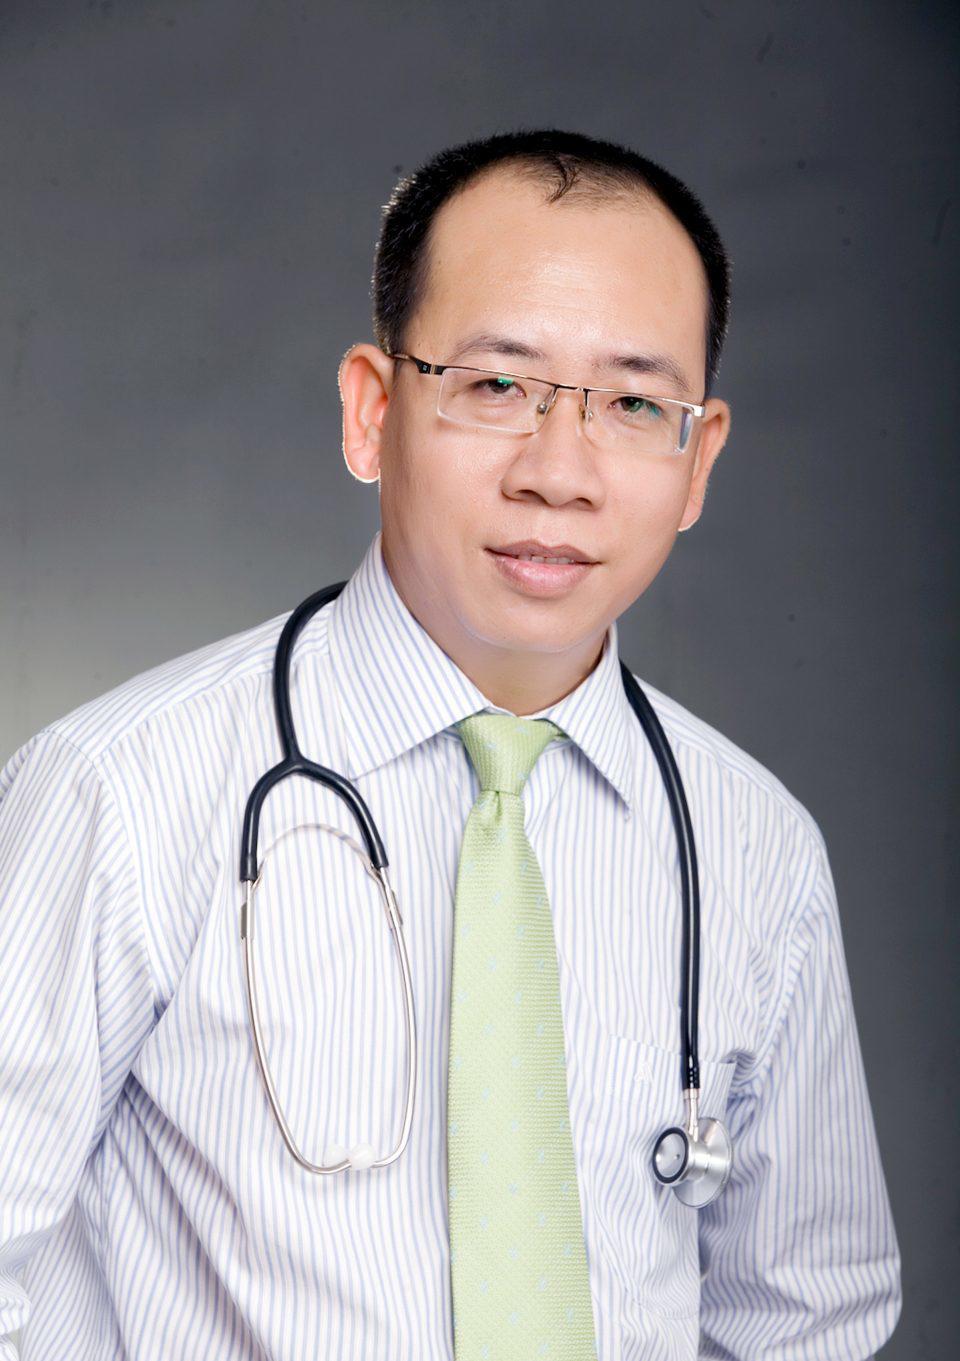 Bác sĩ Nhi chỉ rõ dấu hiệu nhận biết và cách chăm sóc trẻ bị sởi - 2